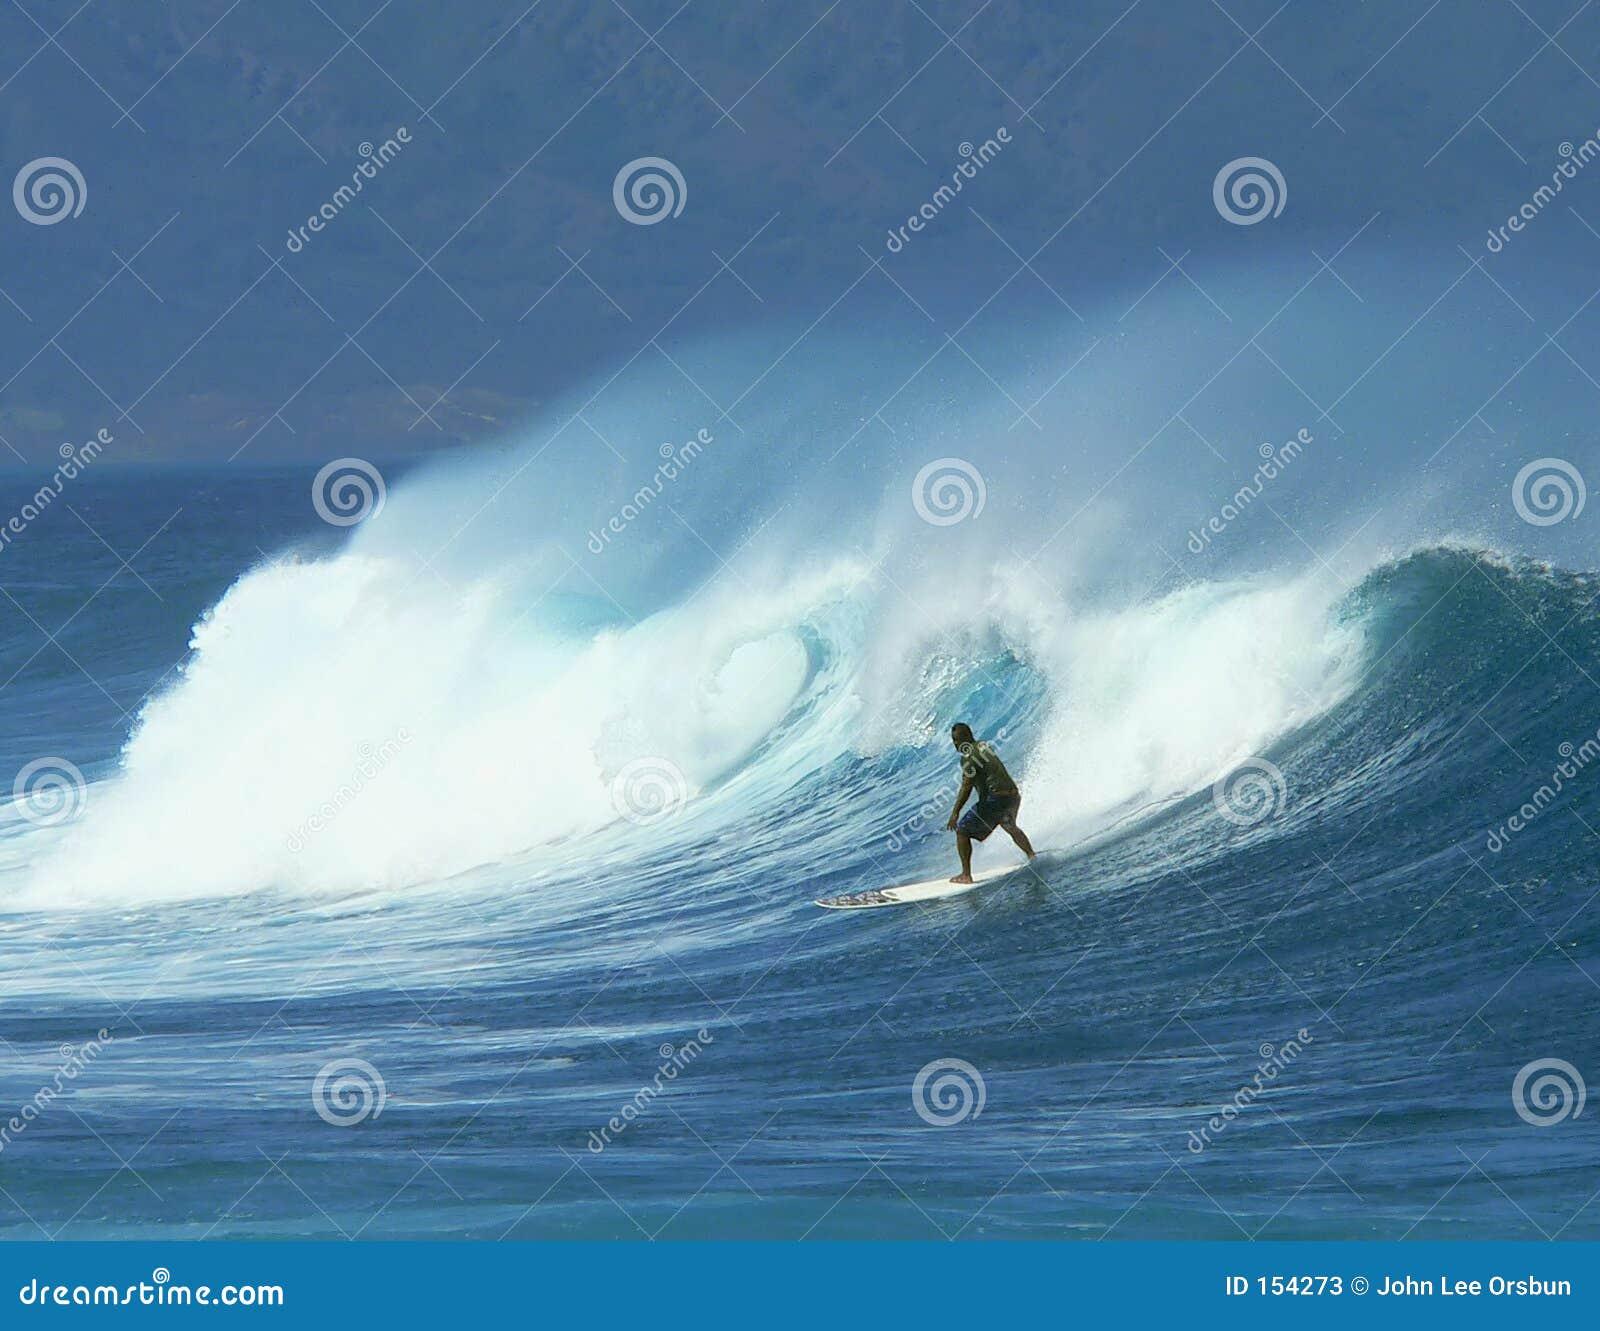 Maui surfer 1